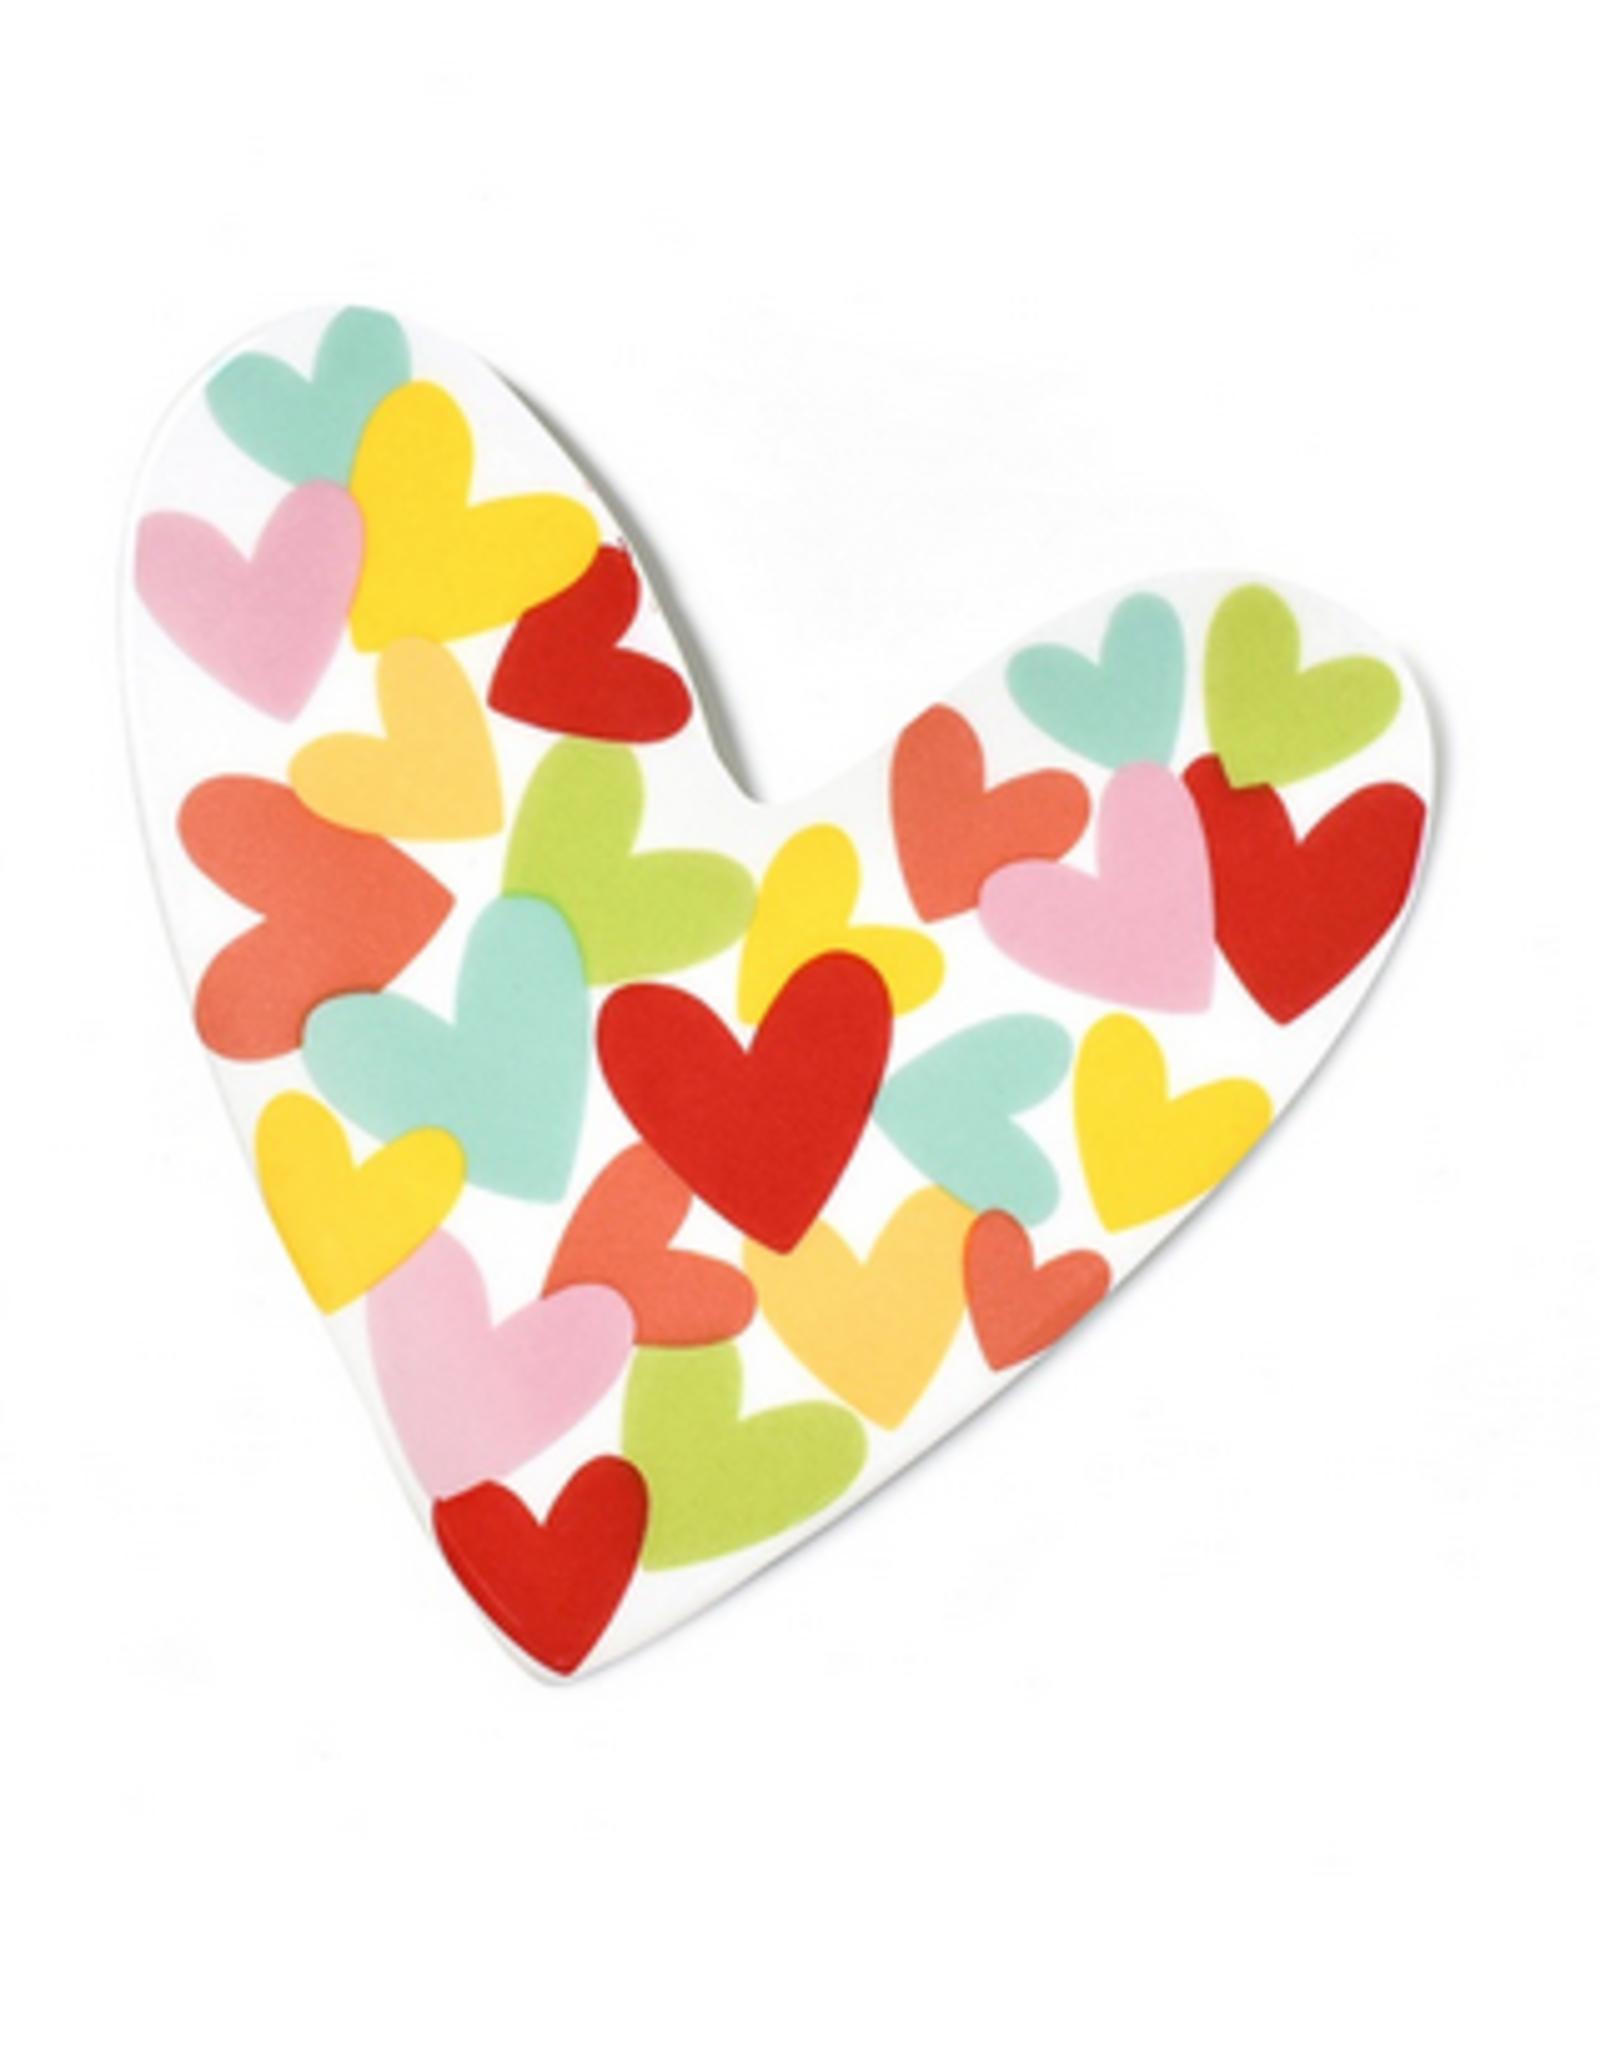 Coton Colors Mini Attachment Art w/ Heart 2019